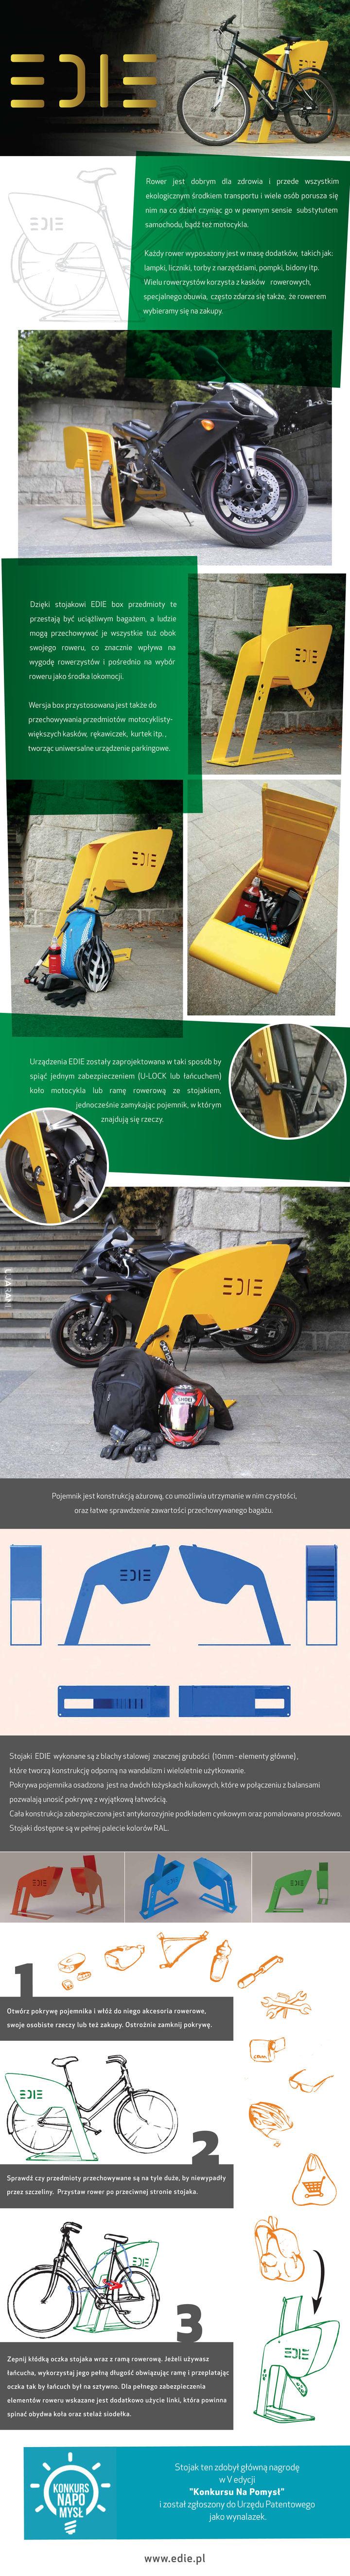 EDIE- urządzenia parkingowe do przechowywania rzeczy dla rowerzystów i motocyklistów